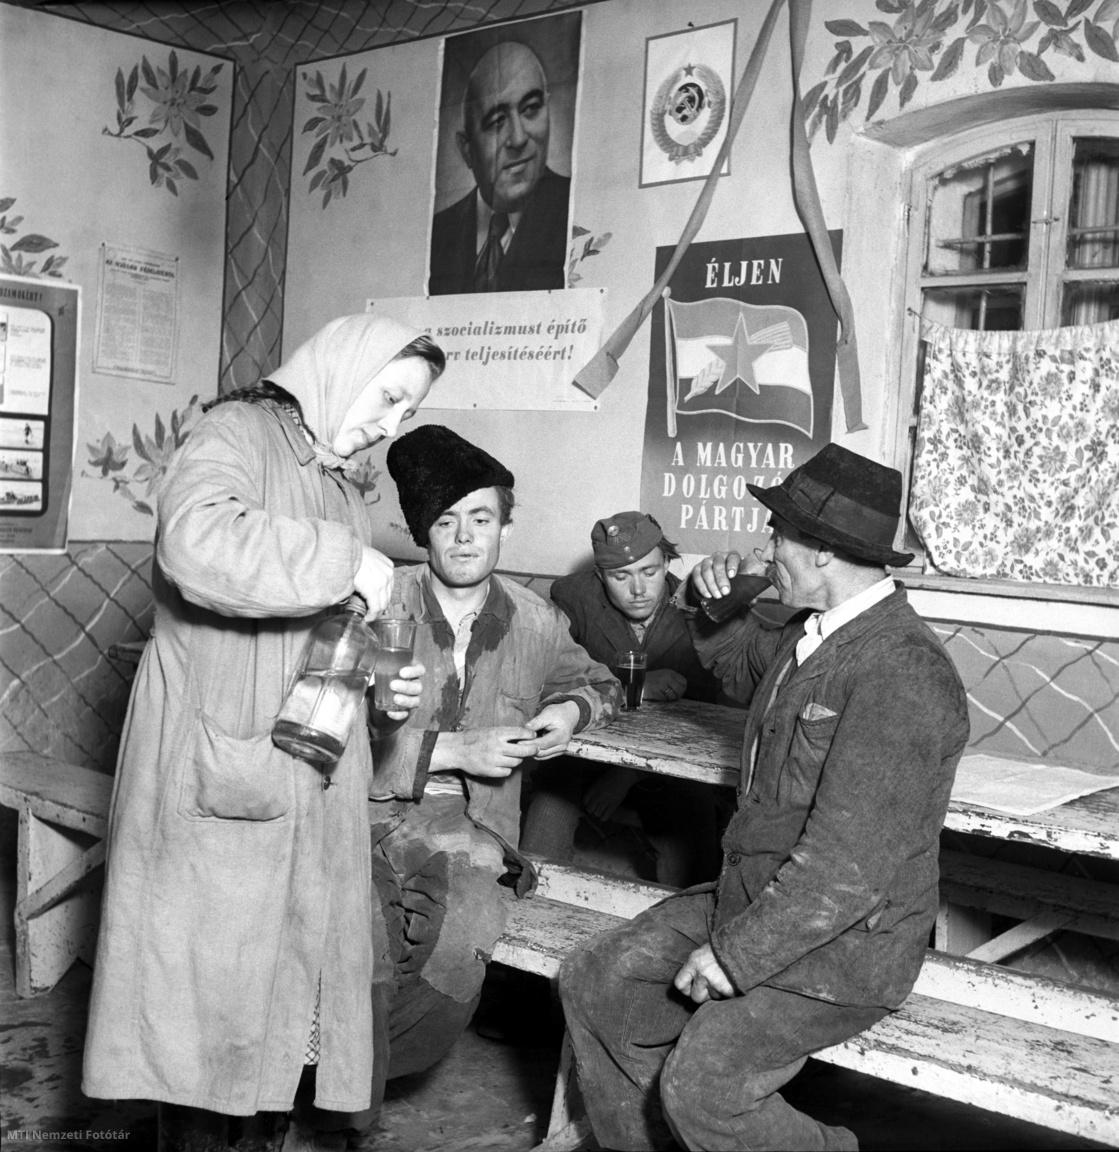 1951. március.Szódát tölt a kiszolgálóegy vendég poharába egy vidéki földműves-szövetkezet italboltjában, amelynek falát Rákosi-kép és MDP-plakát (Magyar Dolgozók Pártja) dekorálja. A felvétel készítésének helyszíne és pontos dátuma ismeretlen.Az ötvenes évek elején a falvak ellátása a területi alapon szervezett földműves-szövetkezetek (az áfészek jogelődjei) feladata lett, amelyek eszközei kezdetben túlnyomórészt az államosítással párhuzamosan átszervezett szövetkezeti kereskedelemből származtak. Az összevonások következtében egy faluban csak egy földműves-szövetkezet működött, s gyakori volt a szomszédos települések szövetkezeteinek összevonása is. E szervezetek irányítását a Szövosz (Szövetkezetek Országos Szövetsége) végezte. A Szövosz ugyan elvileg társadalmi szervezet volt, gyakorlatilag azonban egy középirányító szervezetre jellemző feladatokat látott el